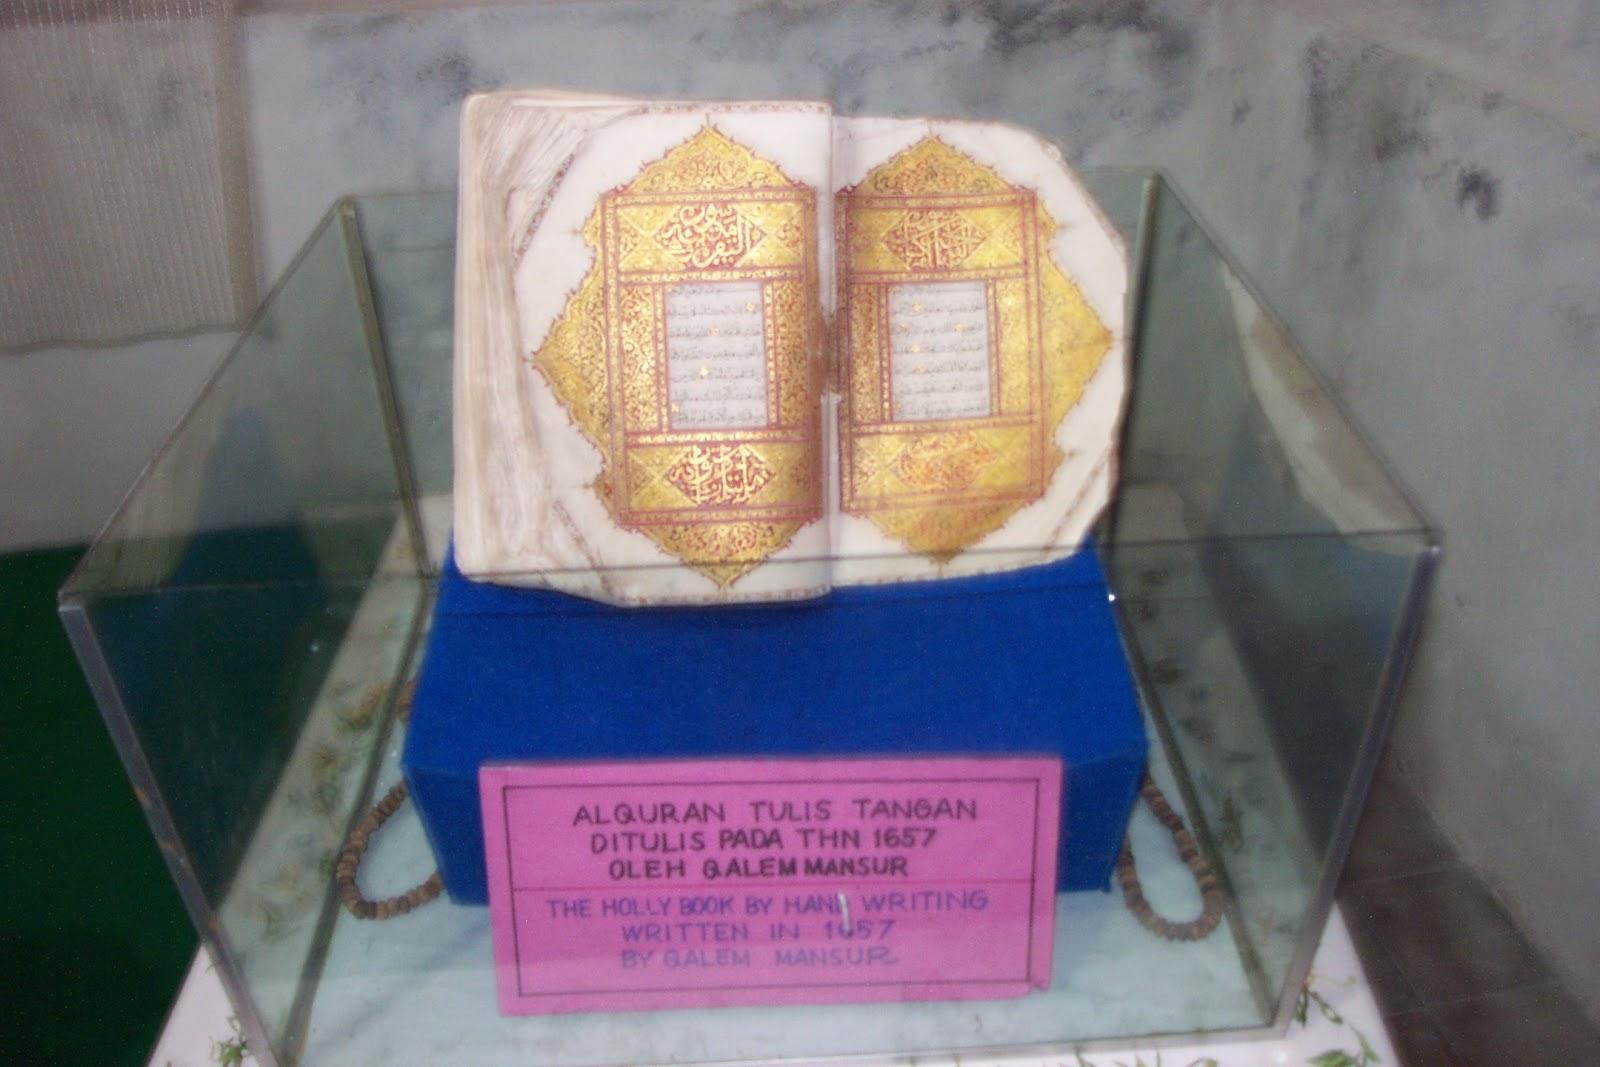 Sejarah Tidore: Sejarah Singkat Tidore